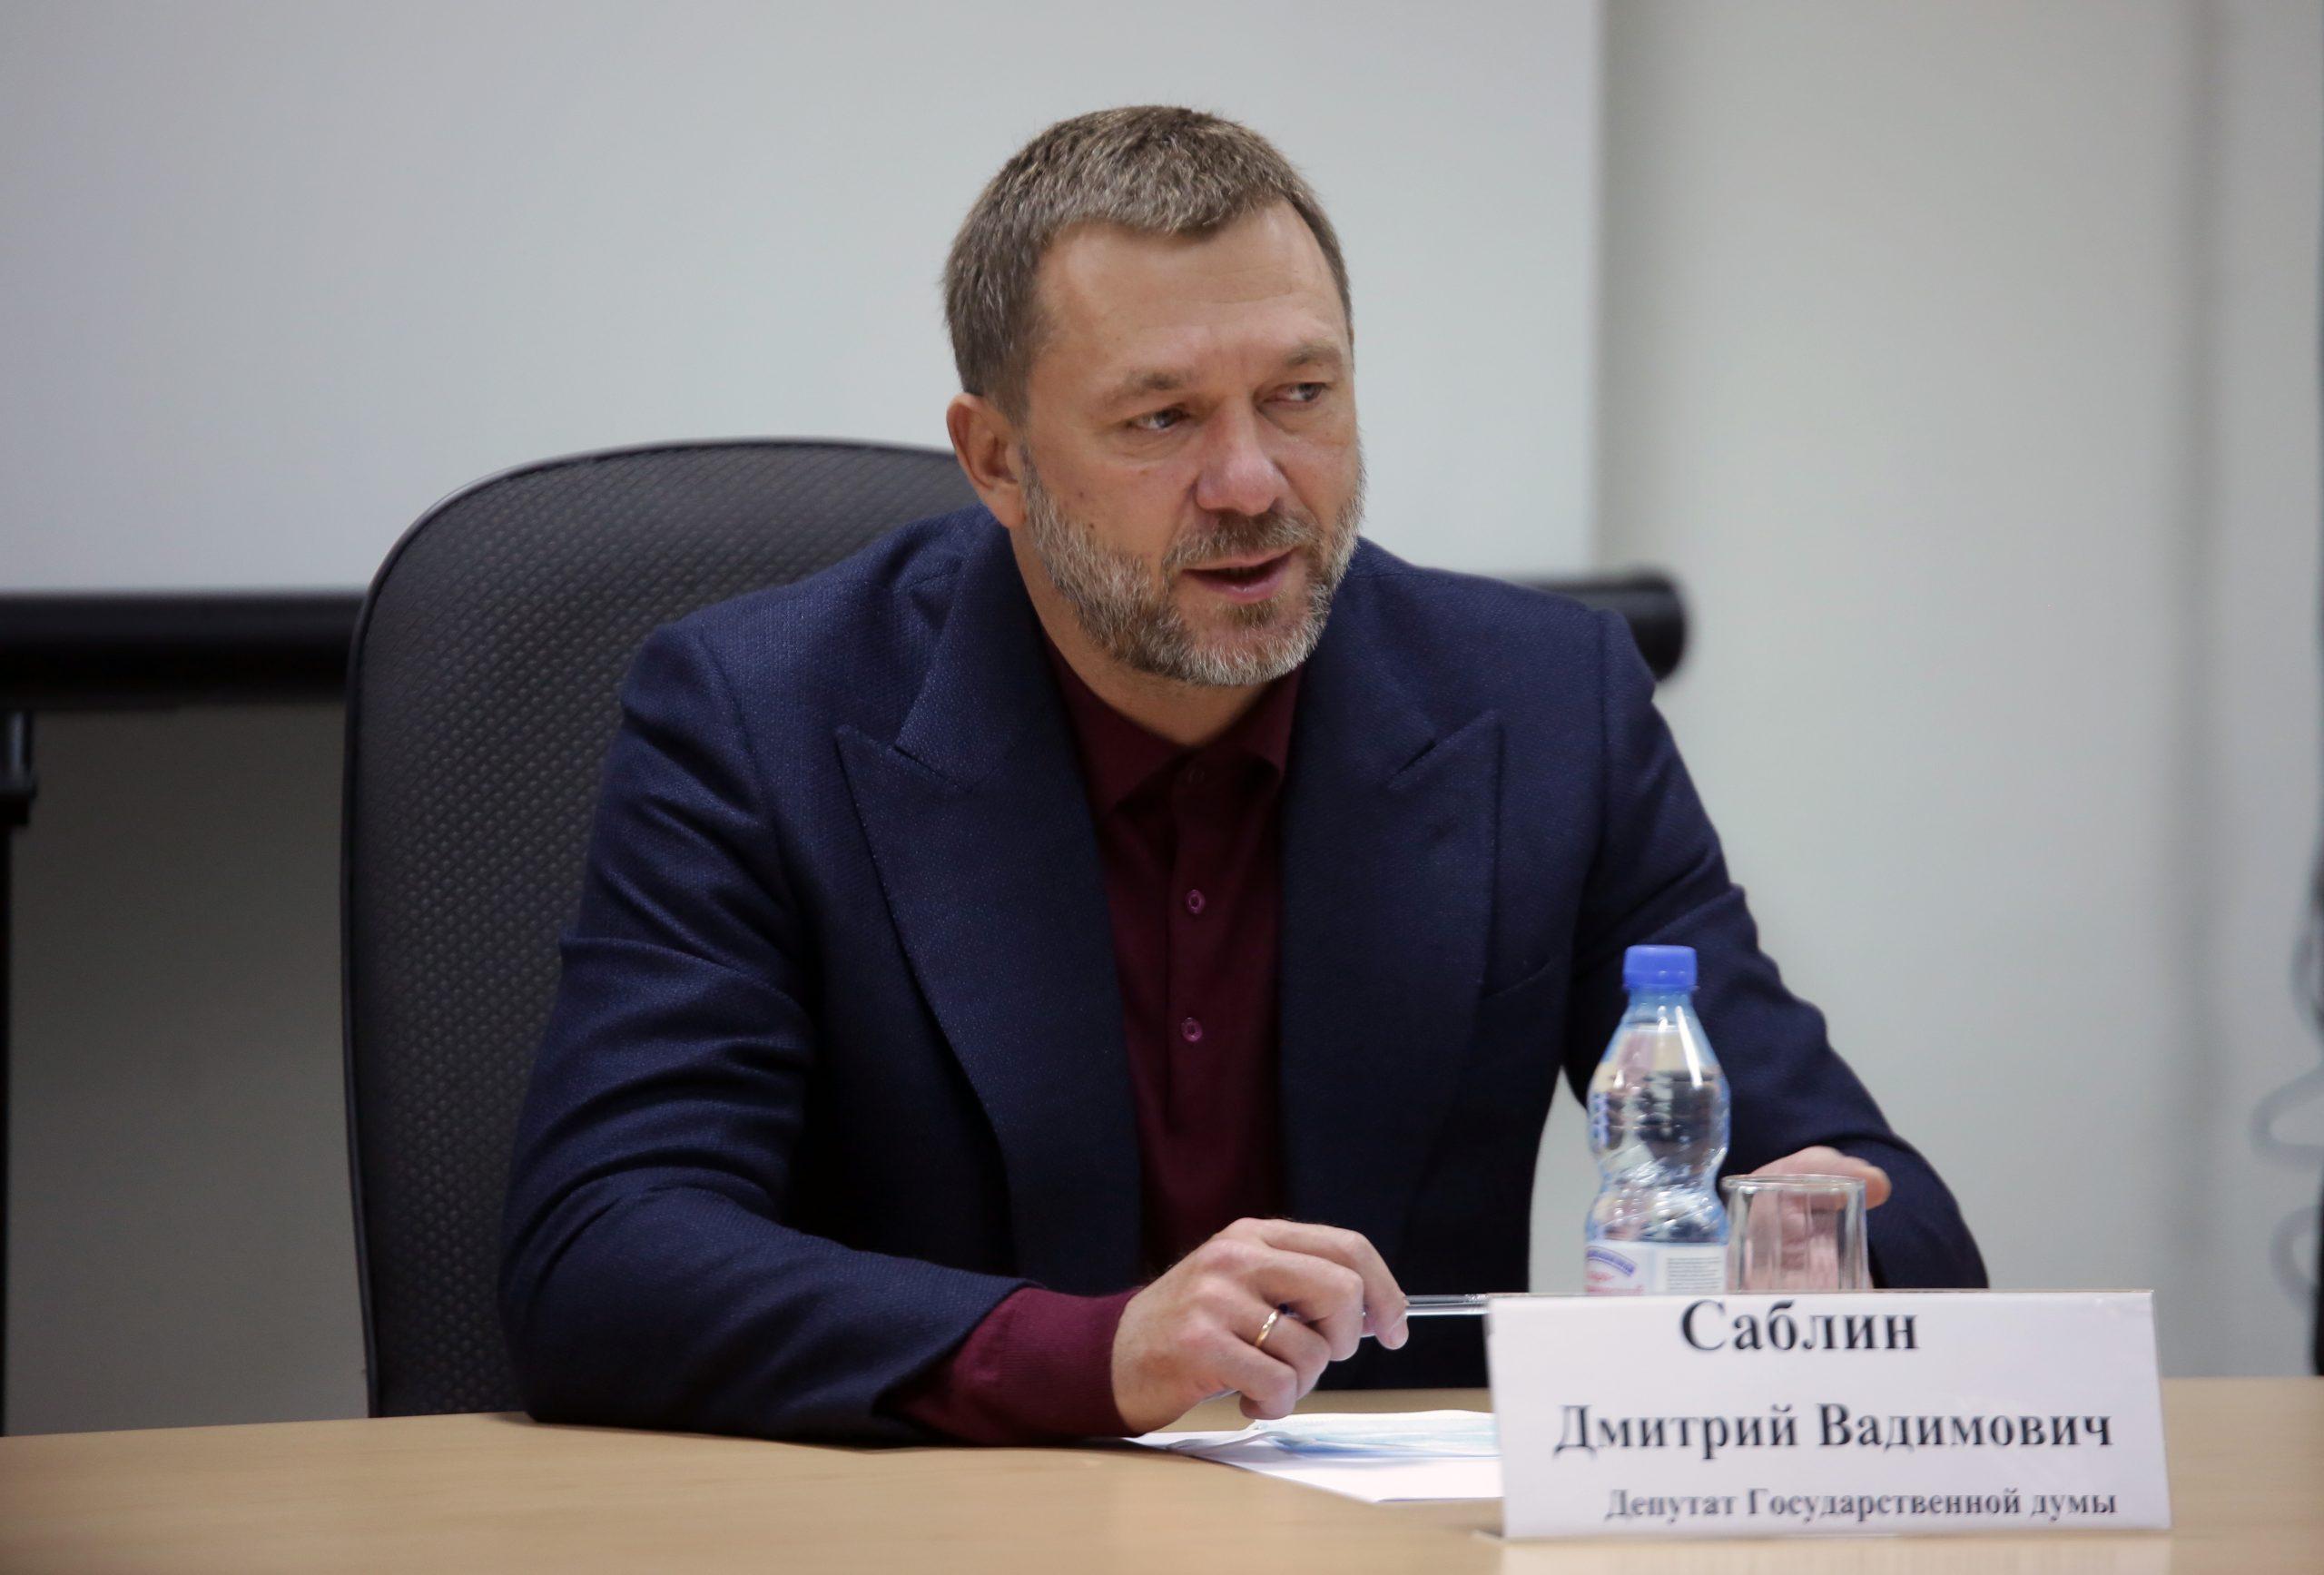 Дмитрий Саблин обсудил участие в предварительном голосовании «Единой России» с муниципальными депутатами